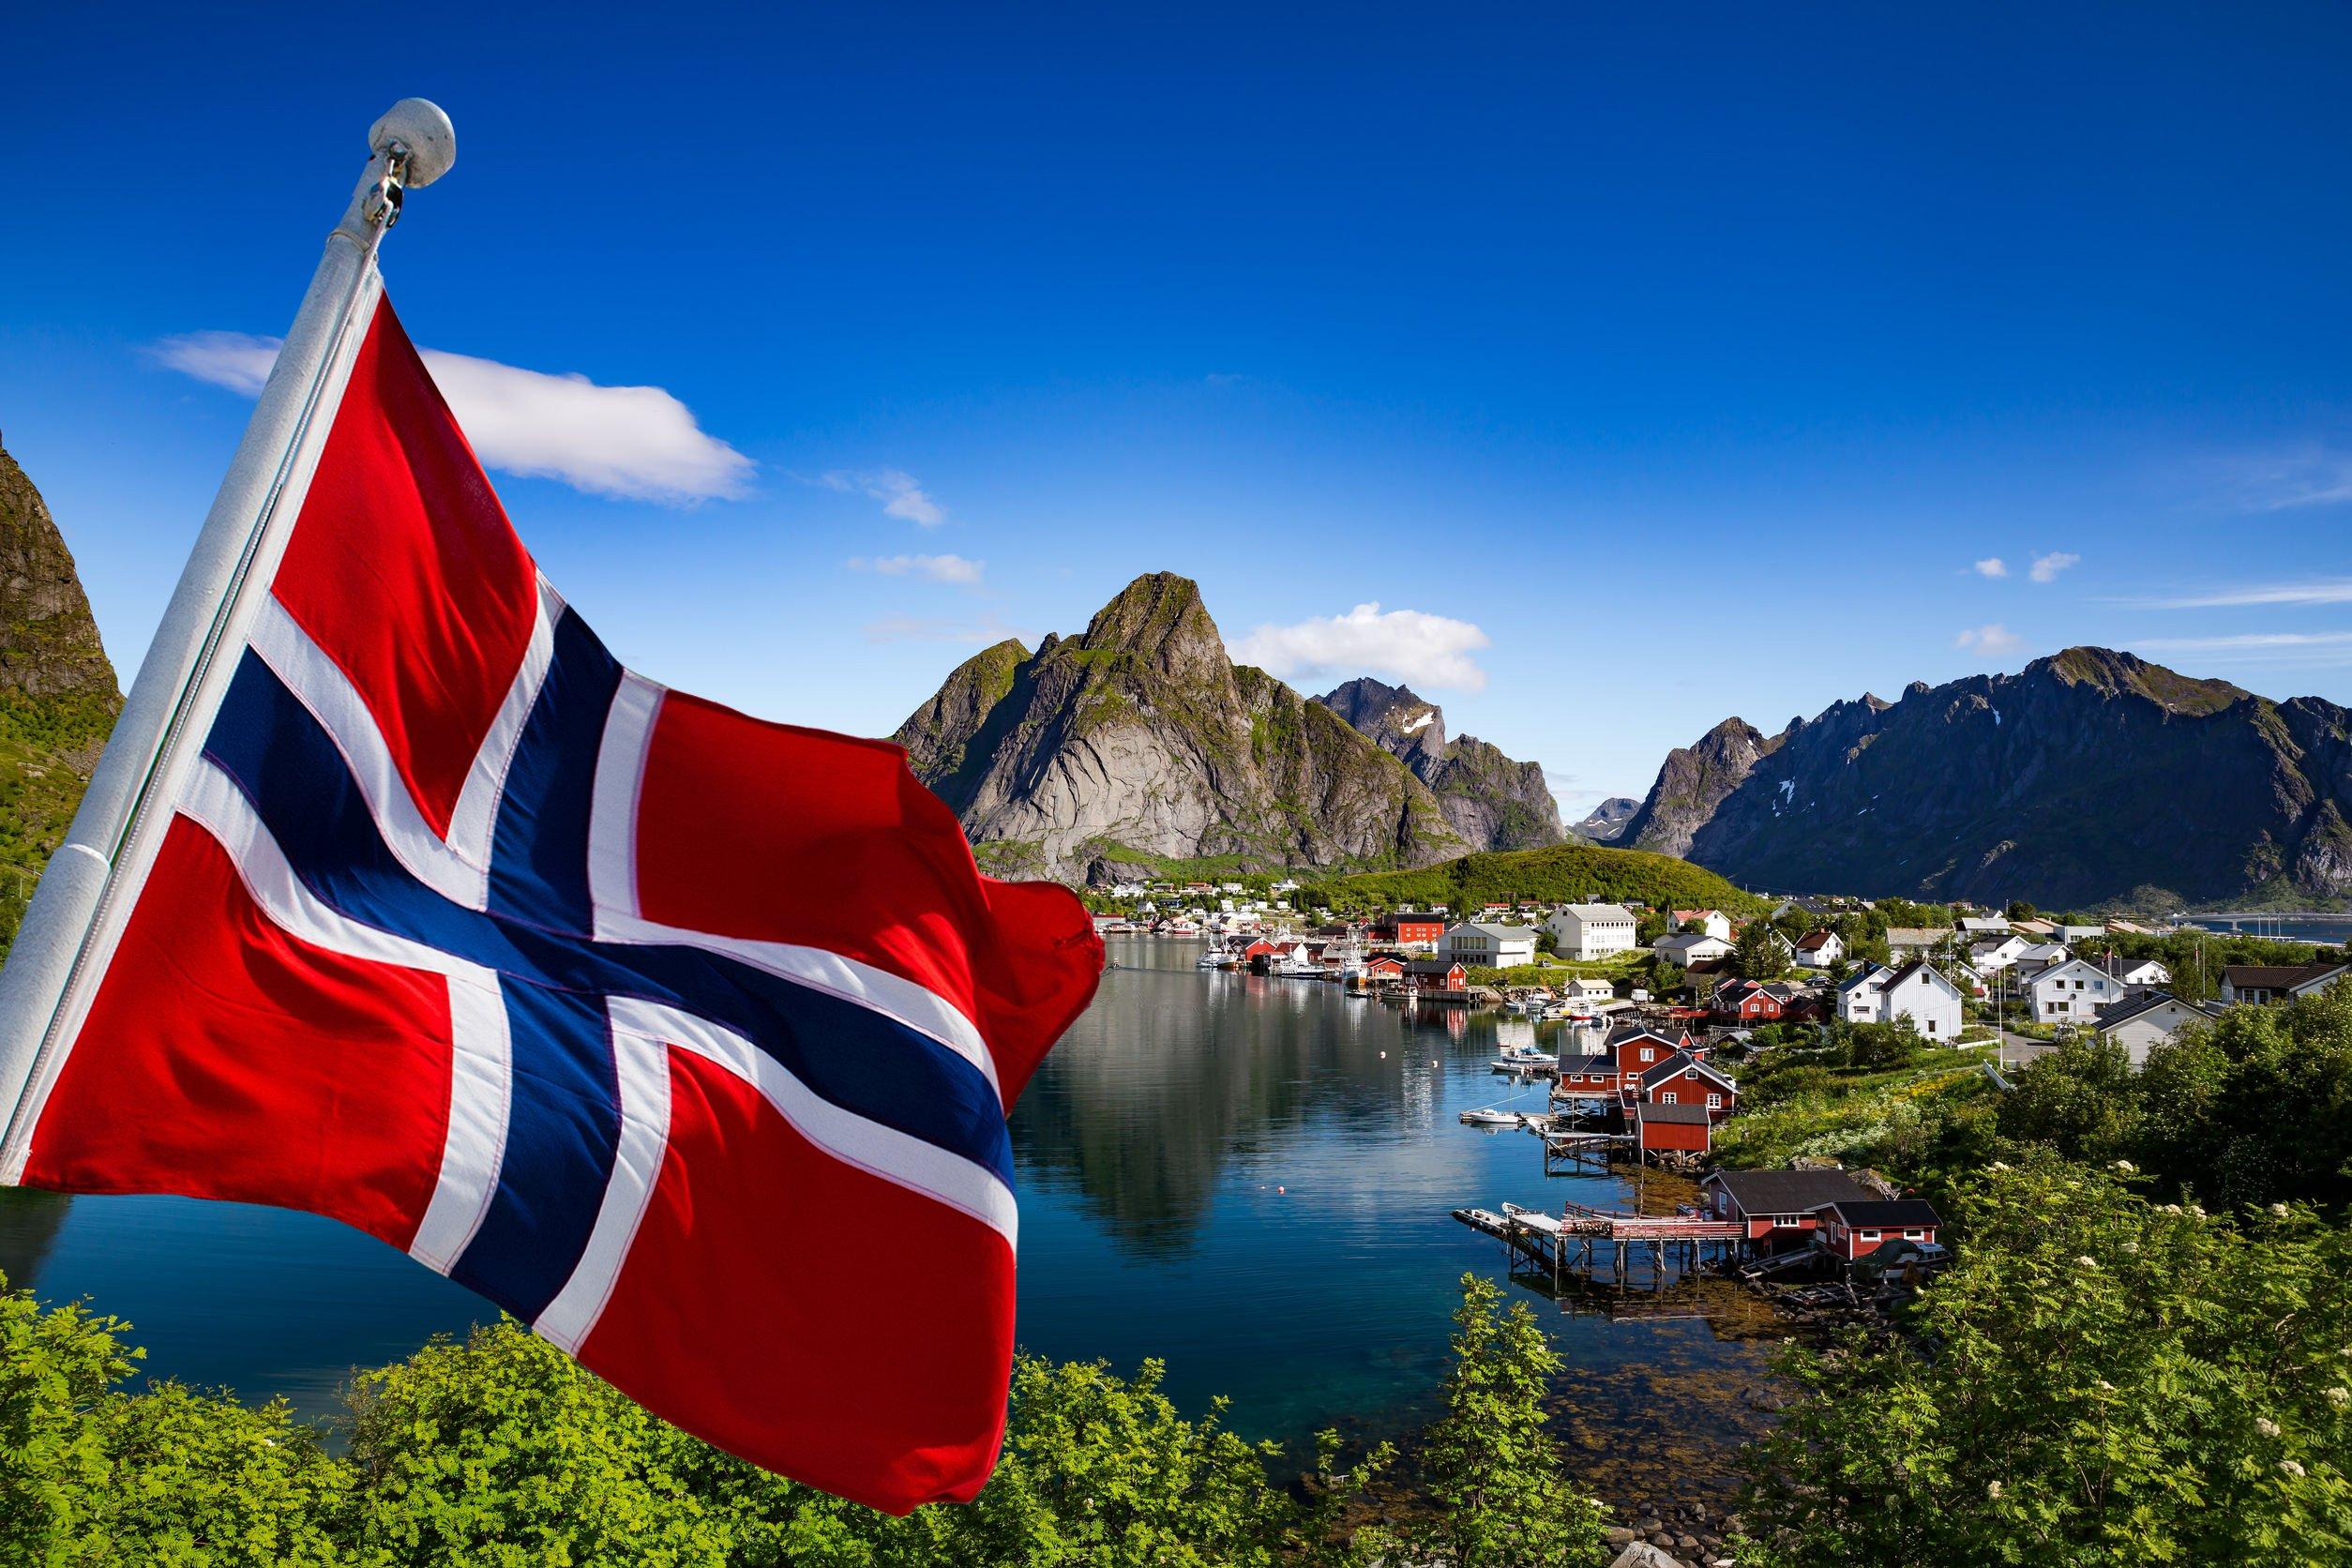 صورة ترمز لعلم النرويج